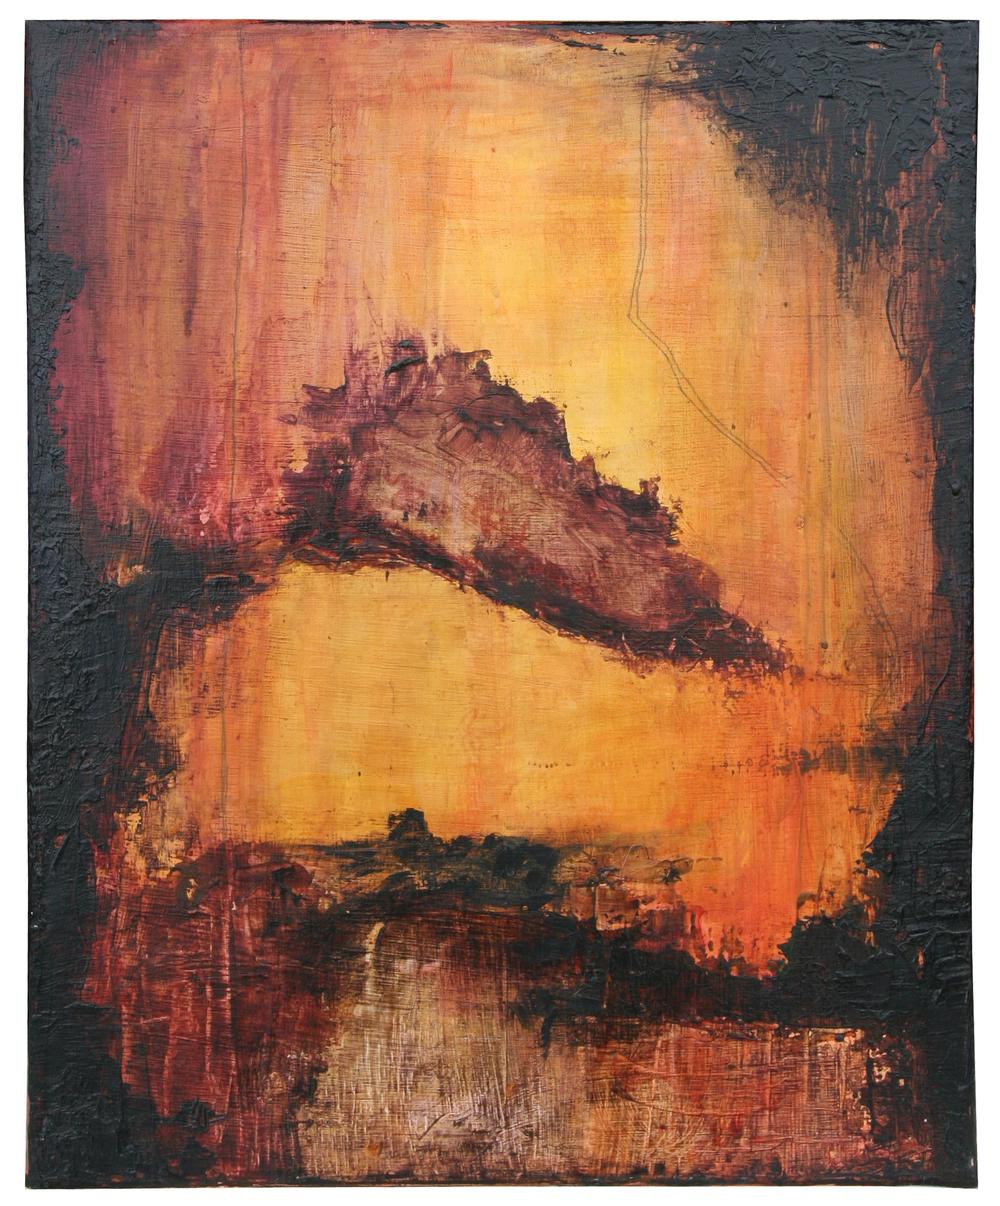 acrylic on canvas / fall 2006